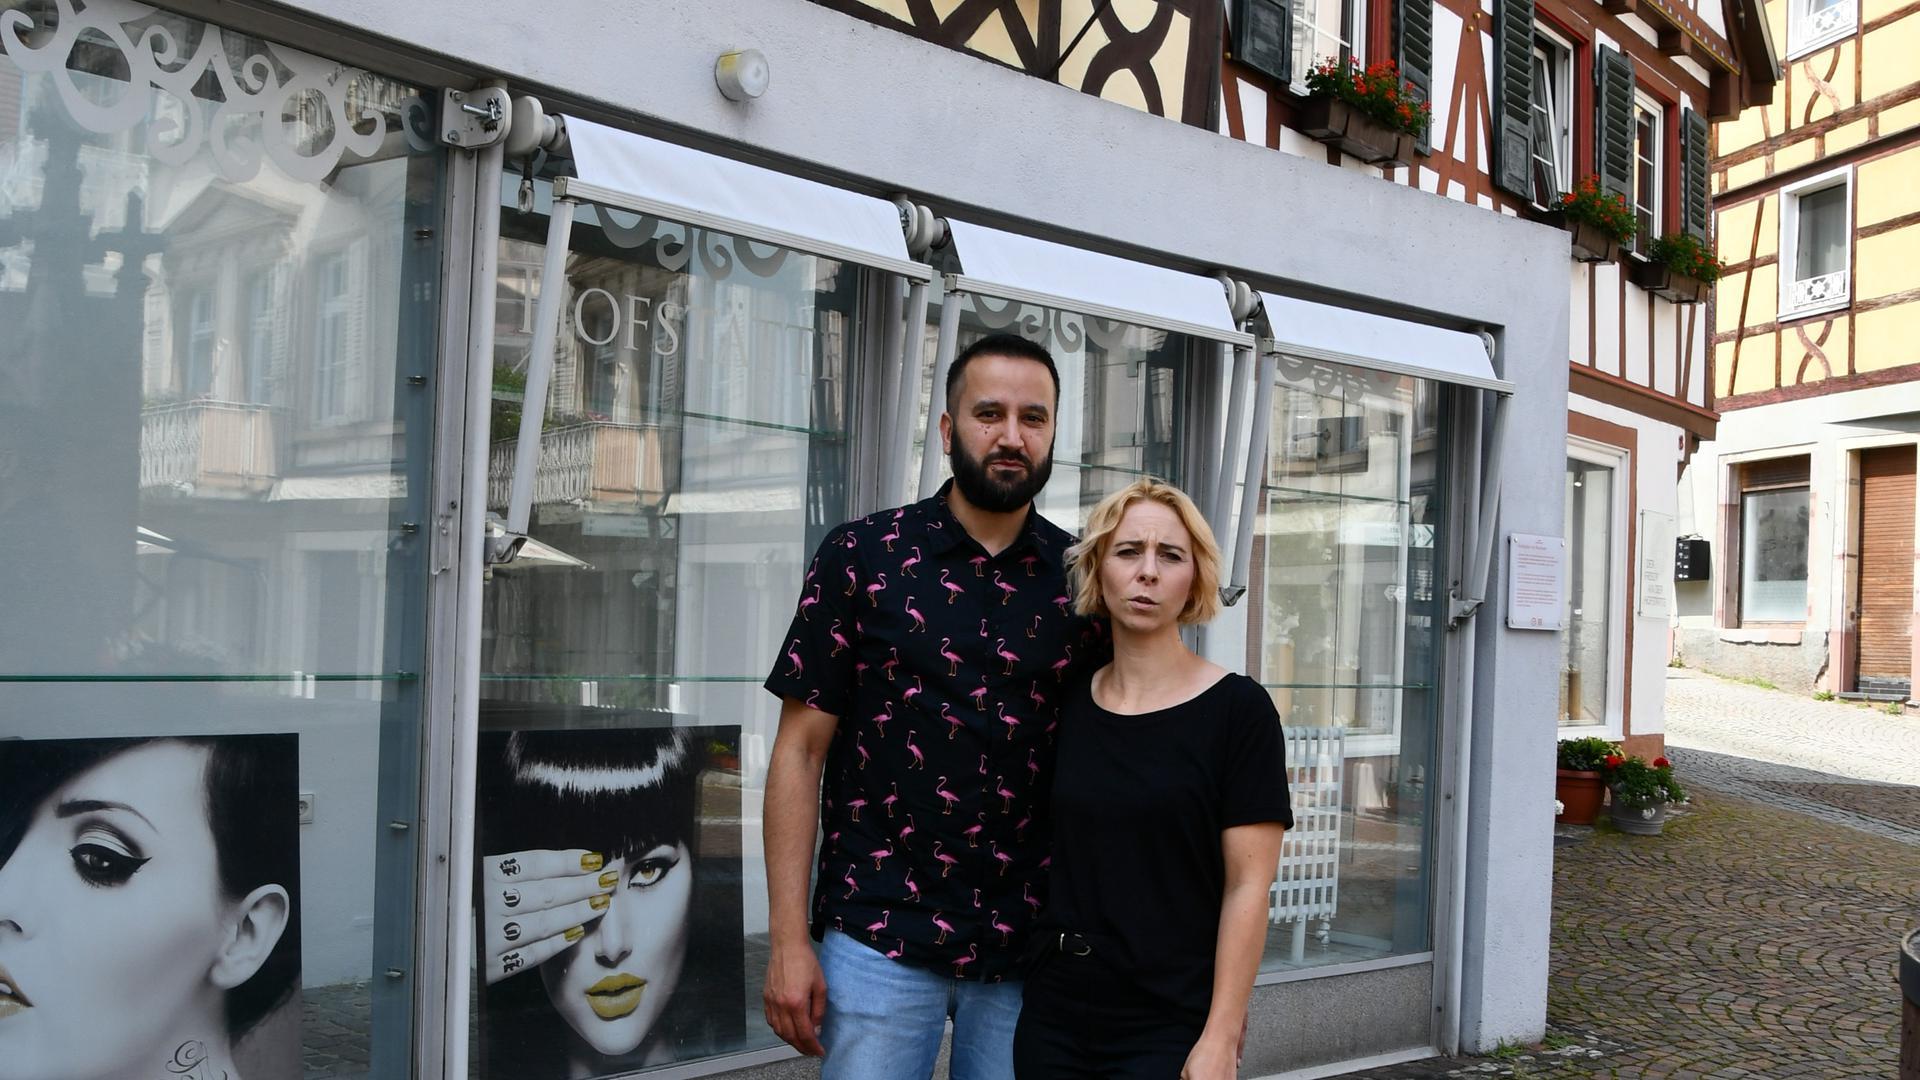 Tina und Hakan Aksoy vor der Hofstätte in Gernsbach